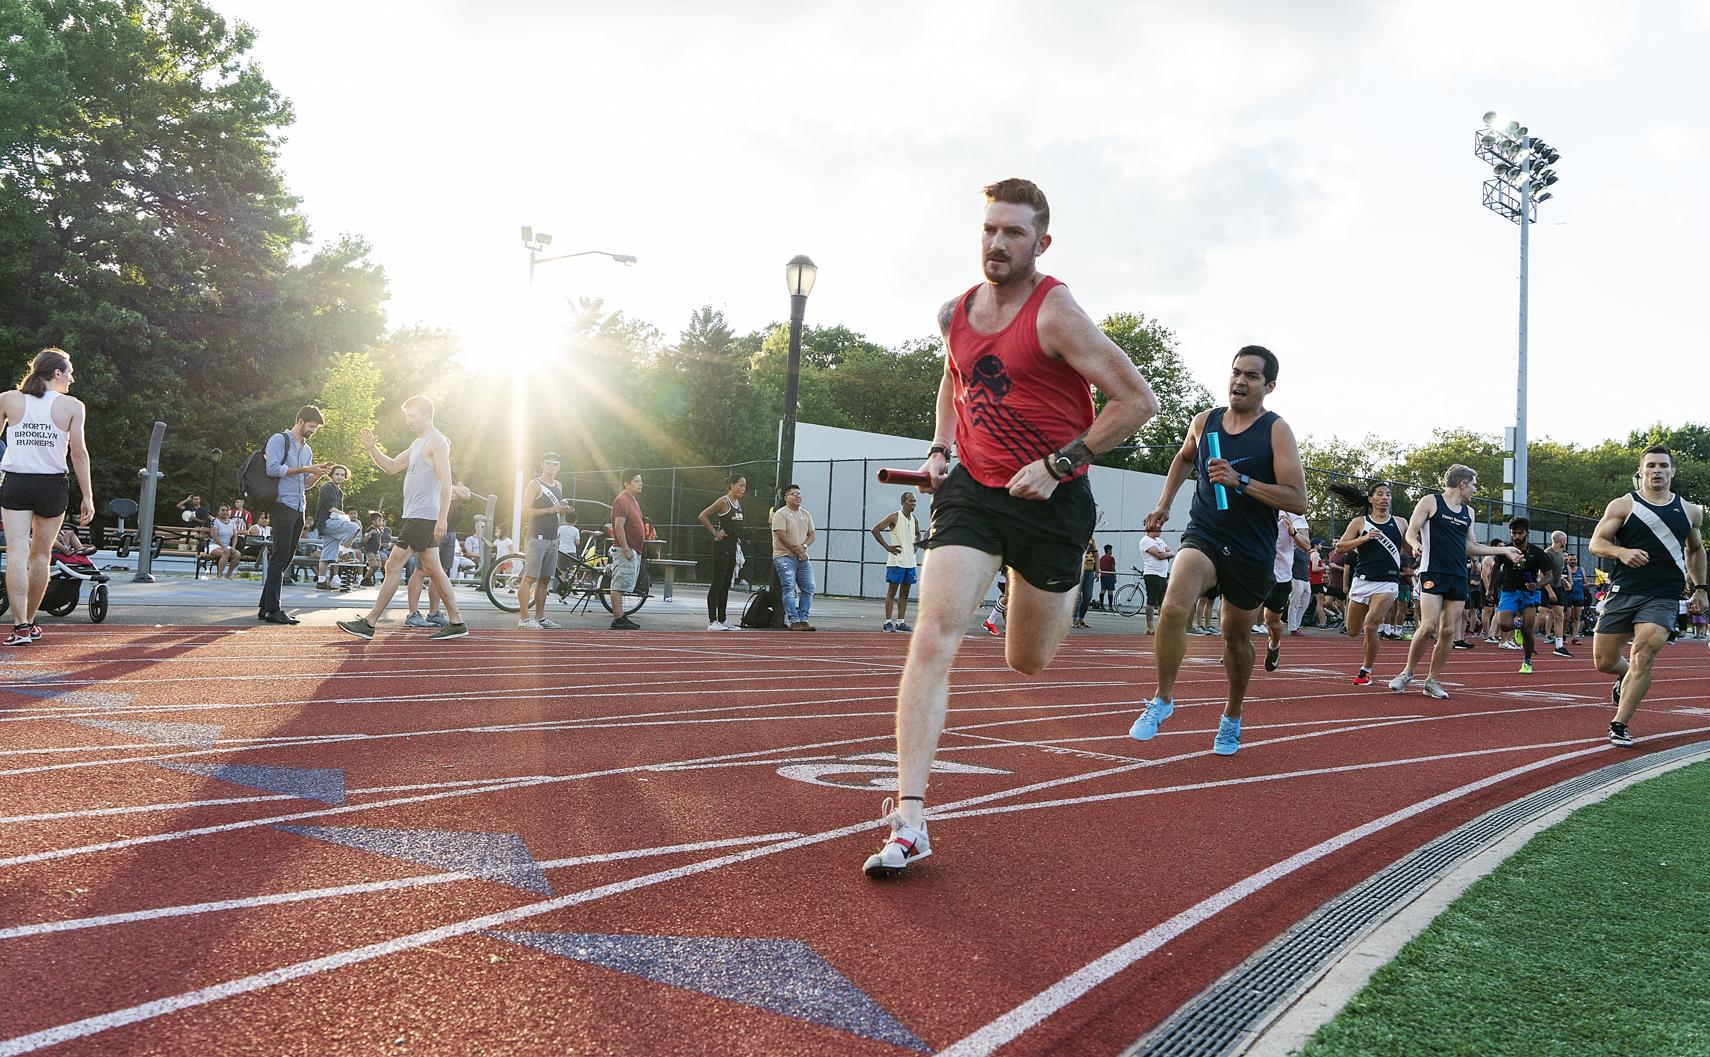 NBR McCarren Track Meet 2019-071219-Drew-ReynoldsDSC00195.jpg